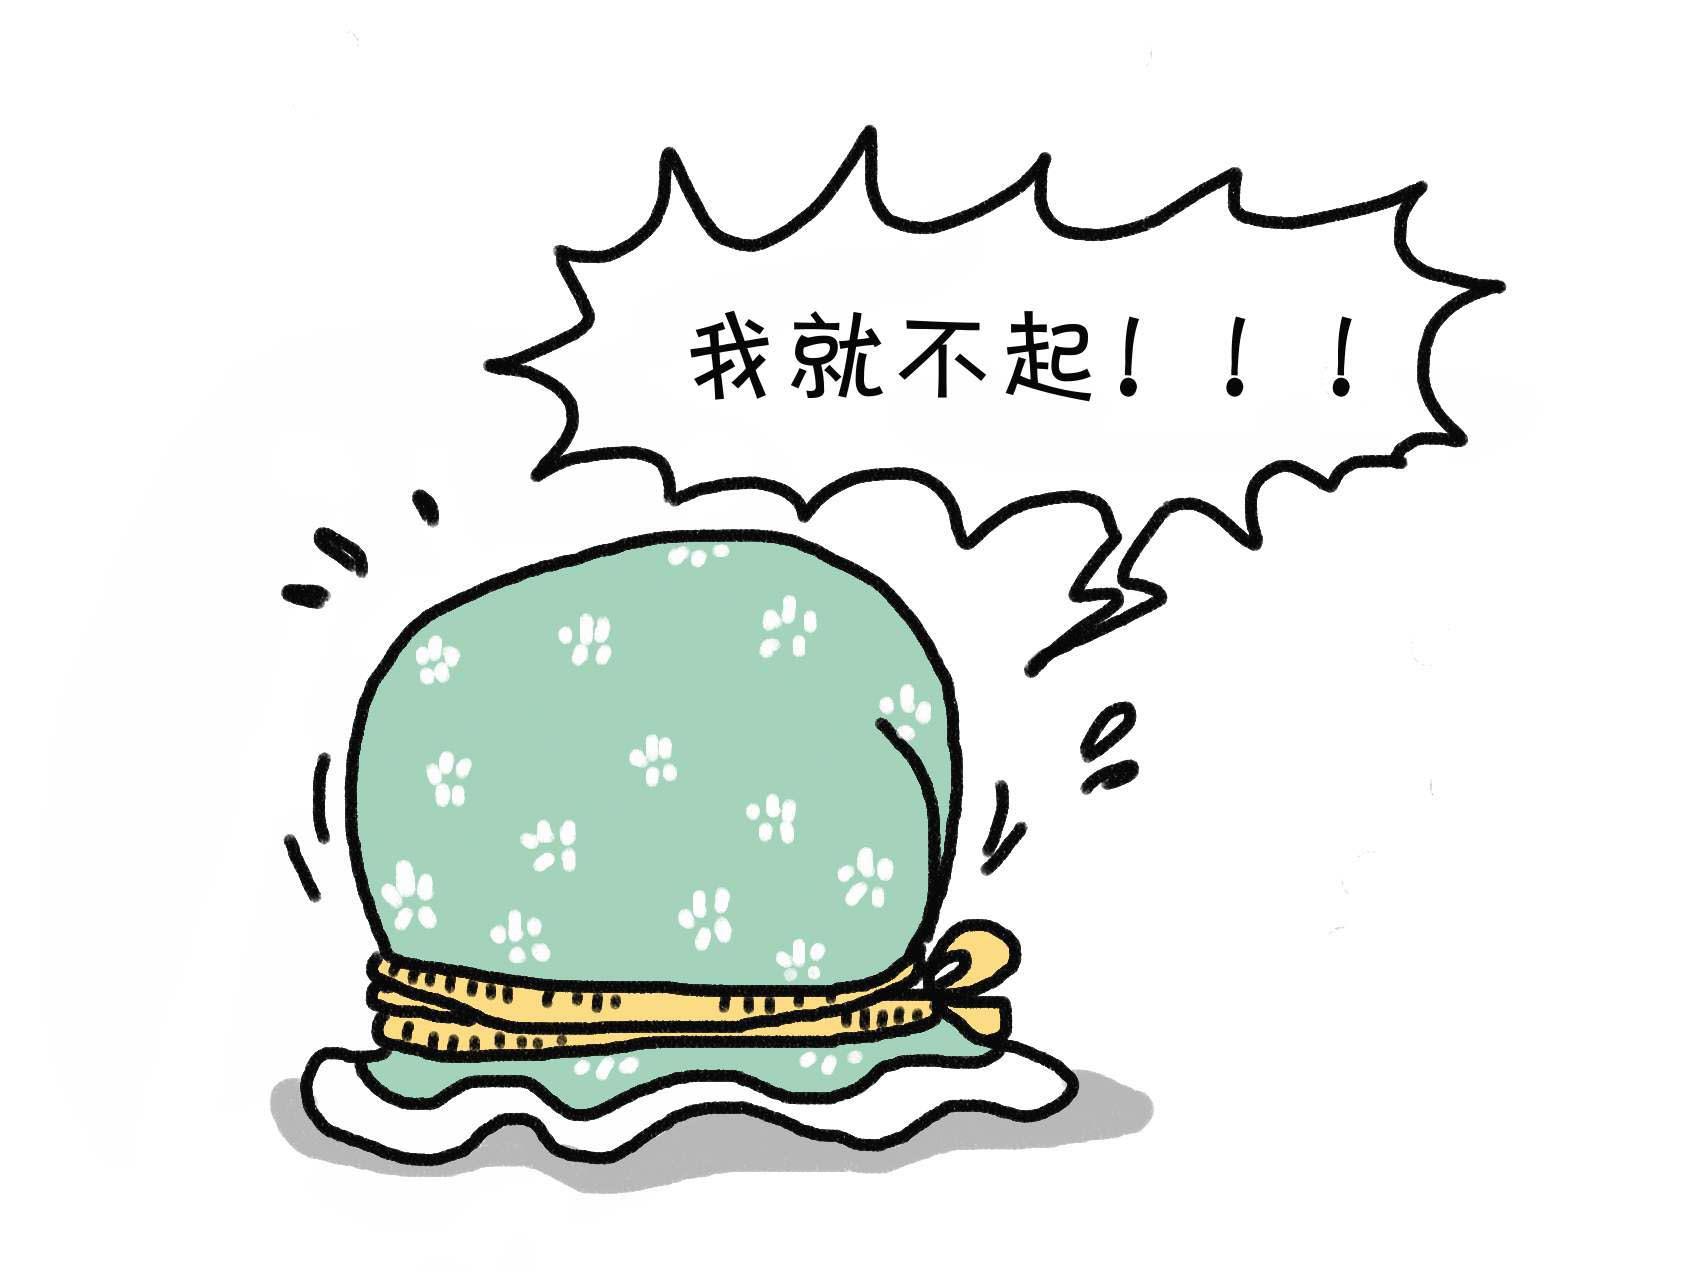 赖床图片可爱卡通(12张)_动漫卡通图片_千千花图片网